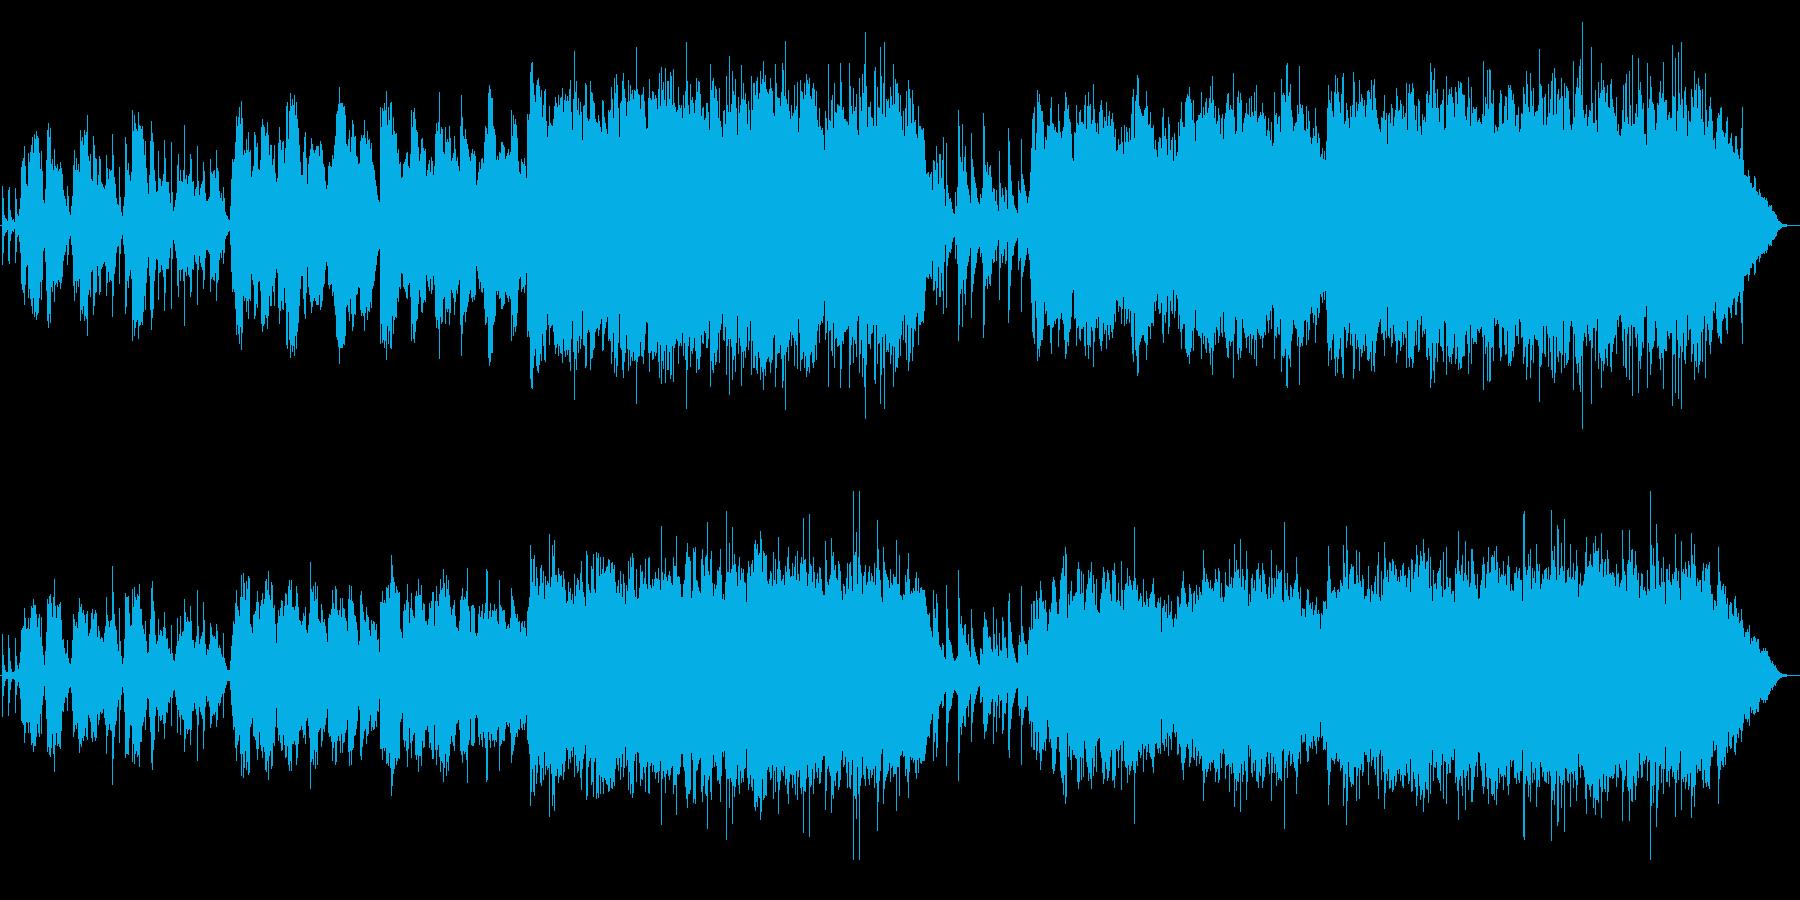 生ヴァイオリン!壮大で感動的なバラード曲の再生済みの波形